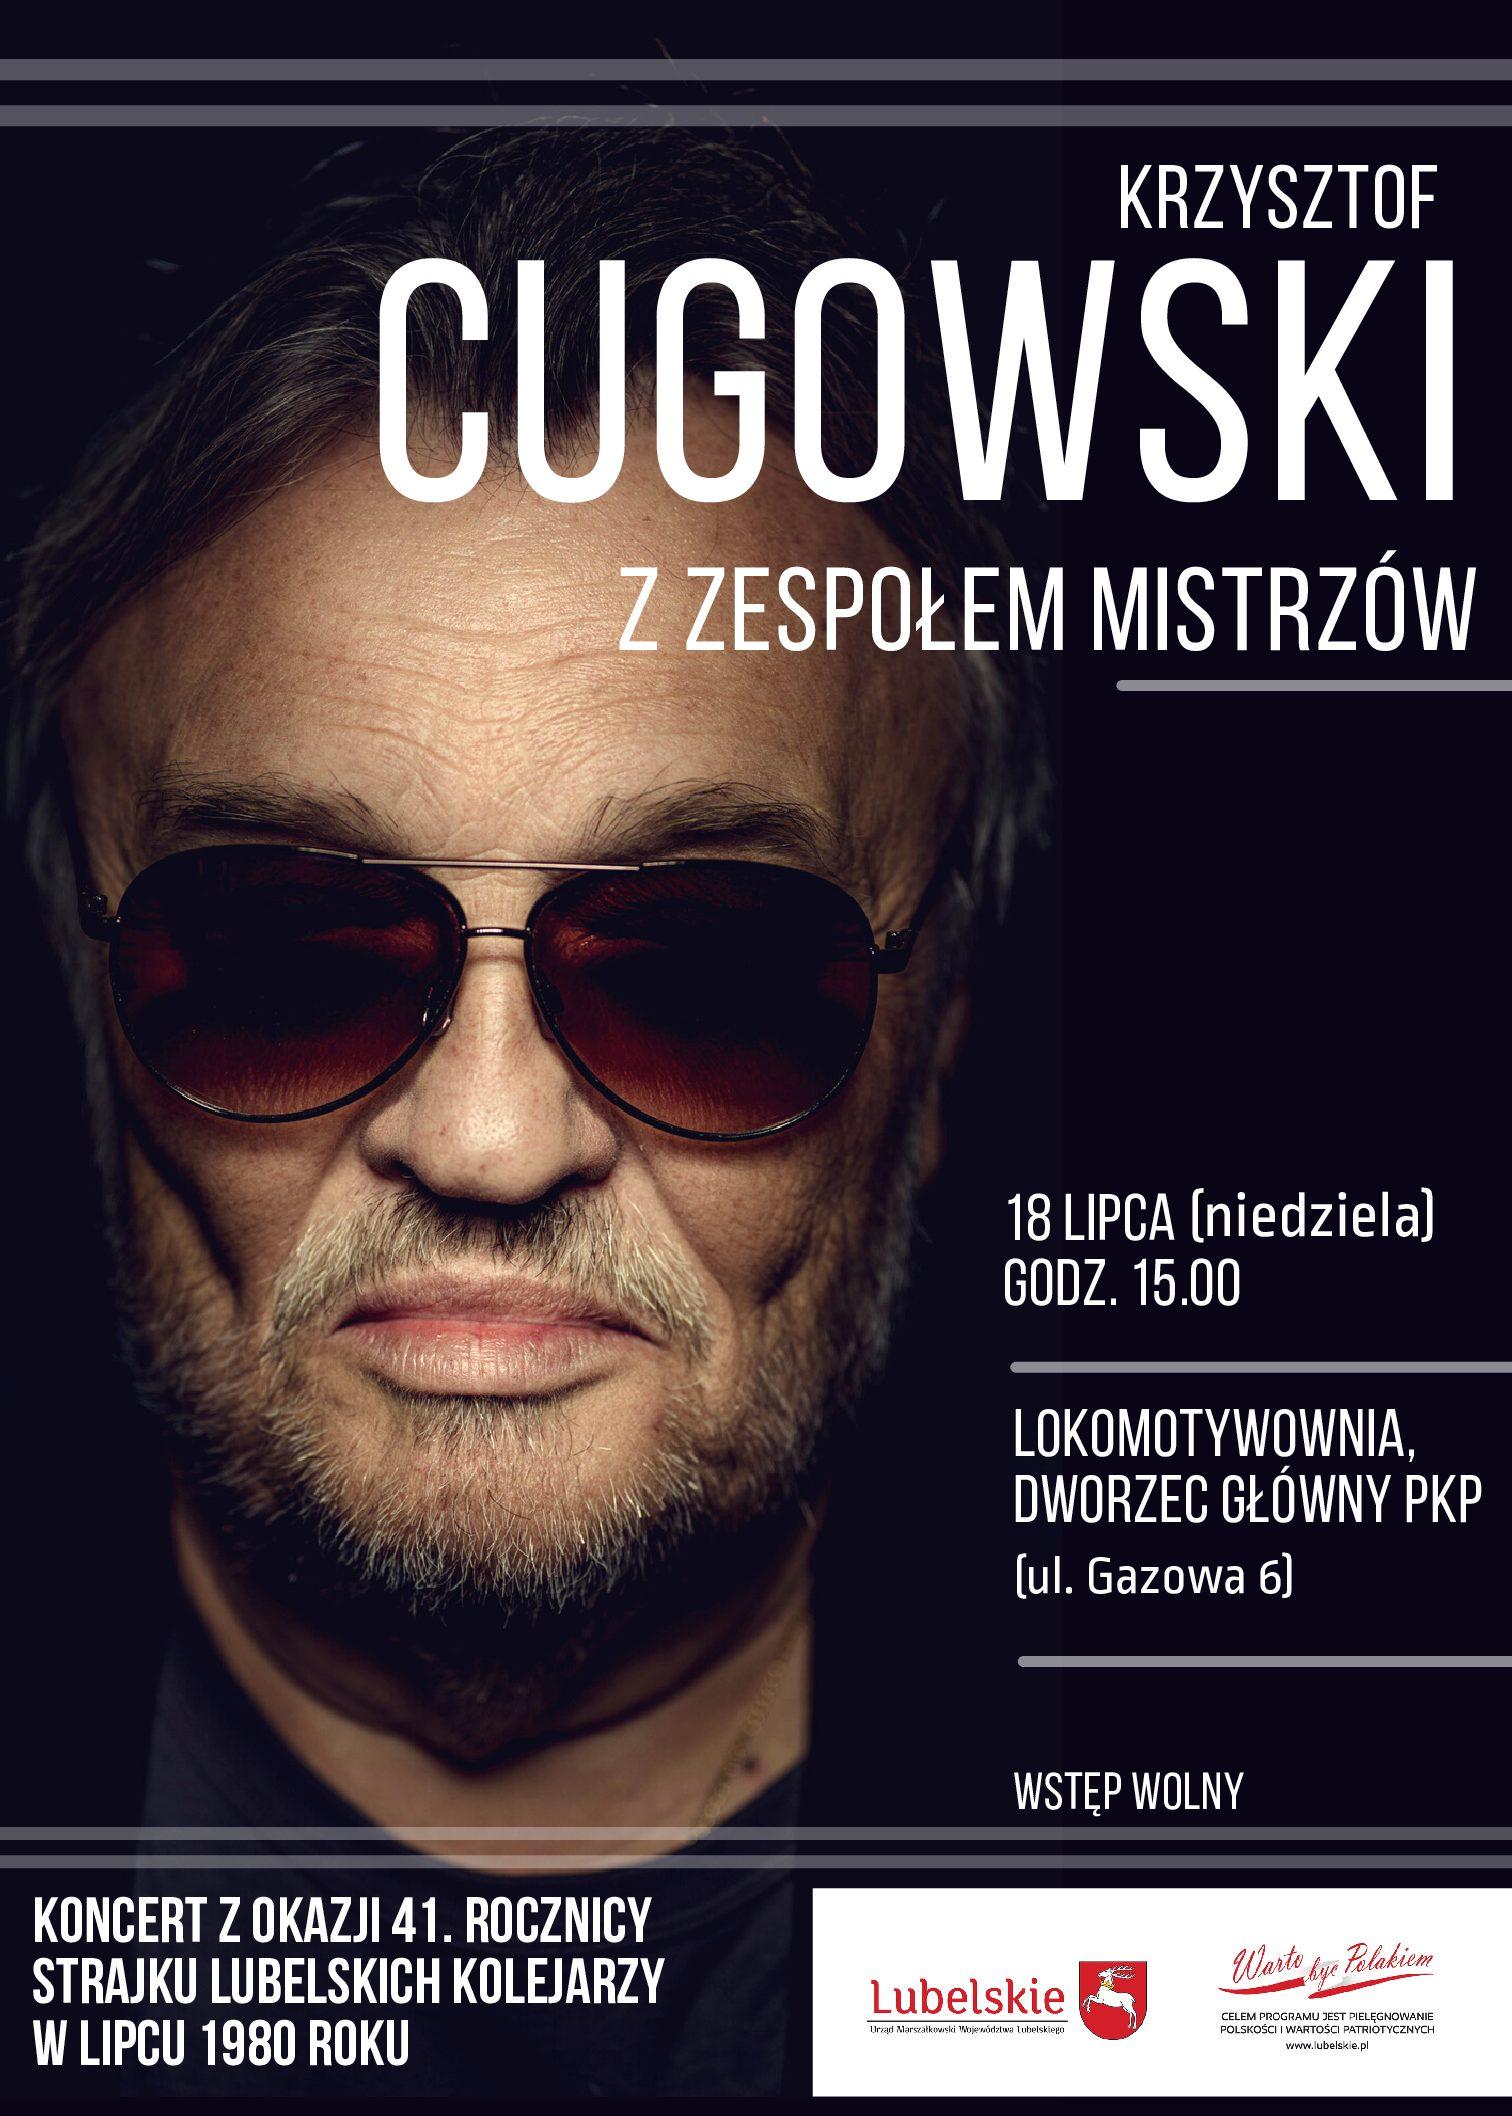 Koncert Krzysztofa Cugowskiego w Lublinie